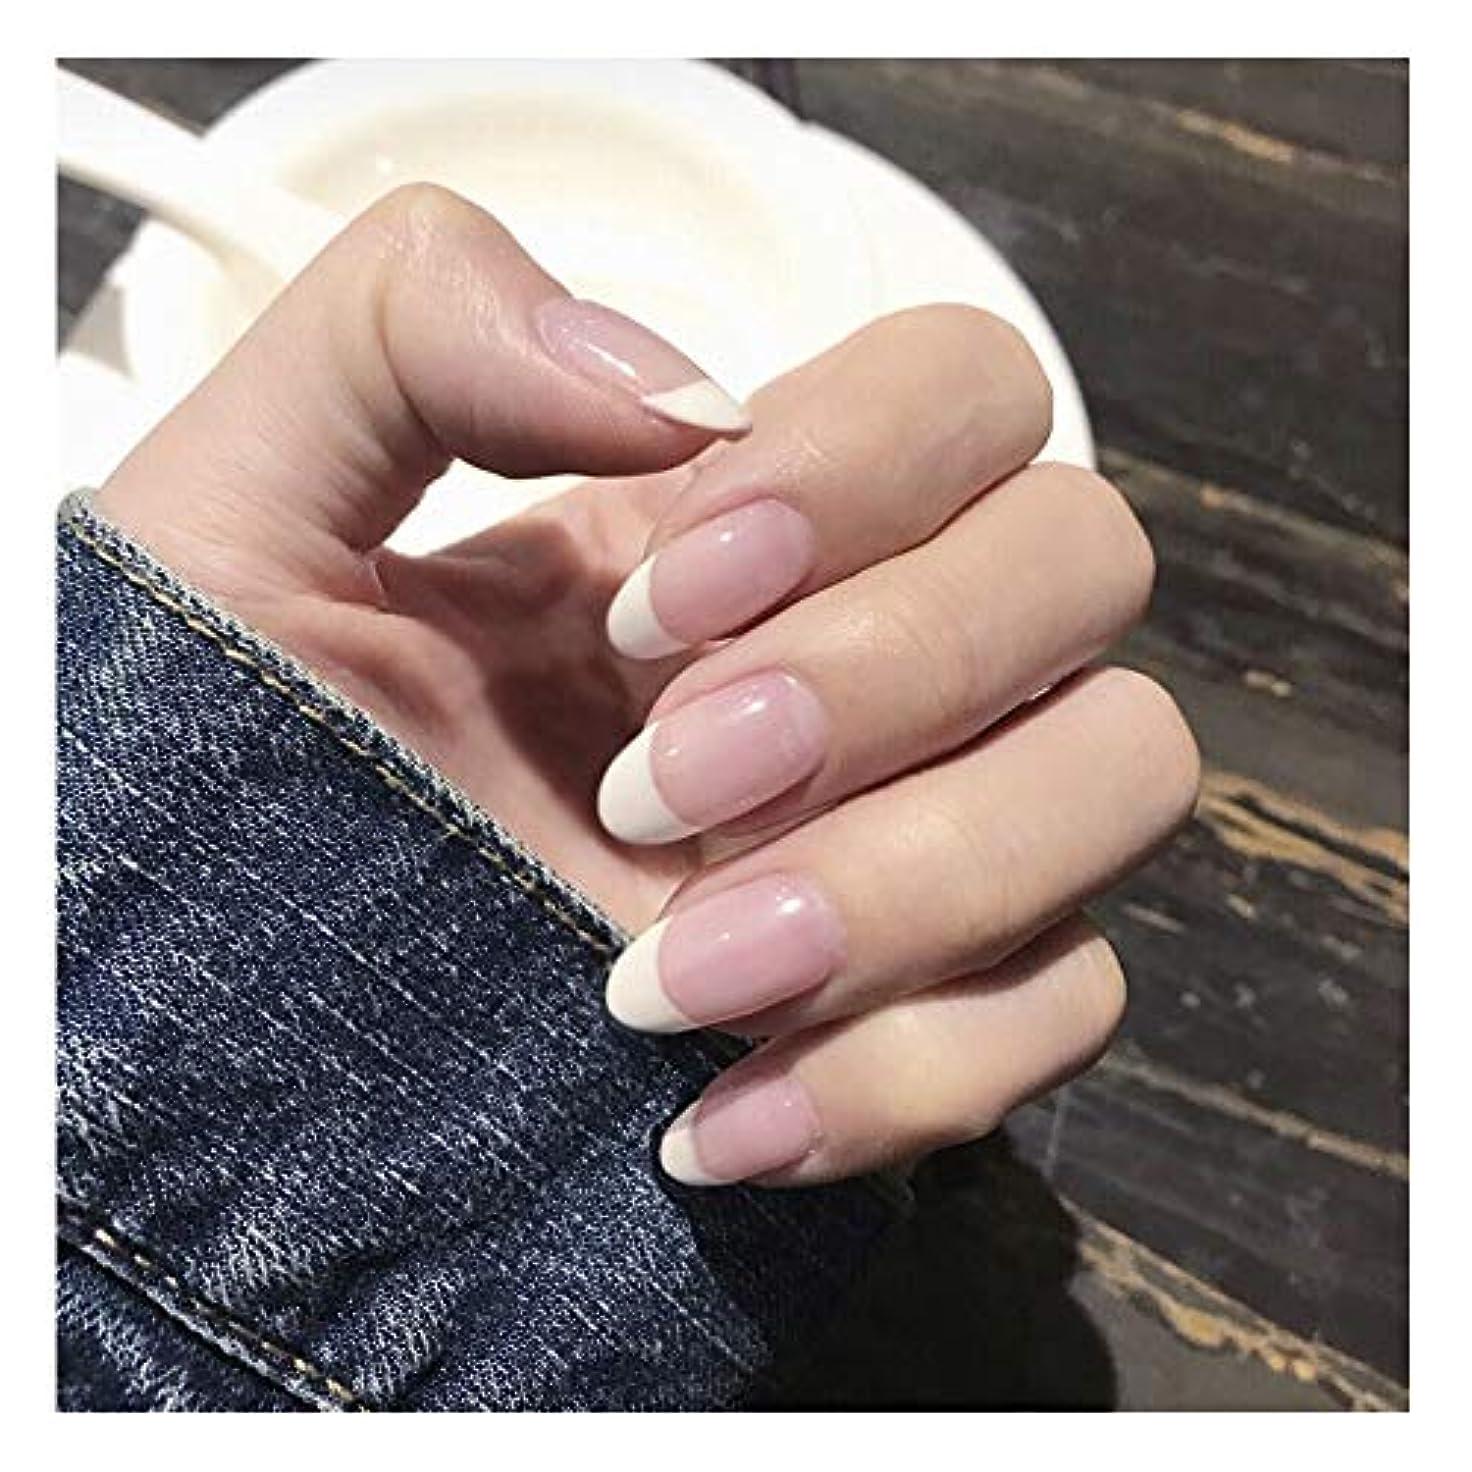 精神医学メニューシャックルHOHYLLYA 透明ピンク+ホワイト下部偽爪ロングネイルズグルー完成ネイル偽爪を指摘しました (色 : 24 pieces)